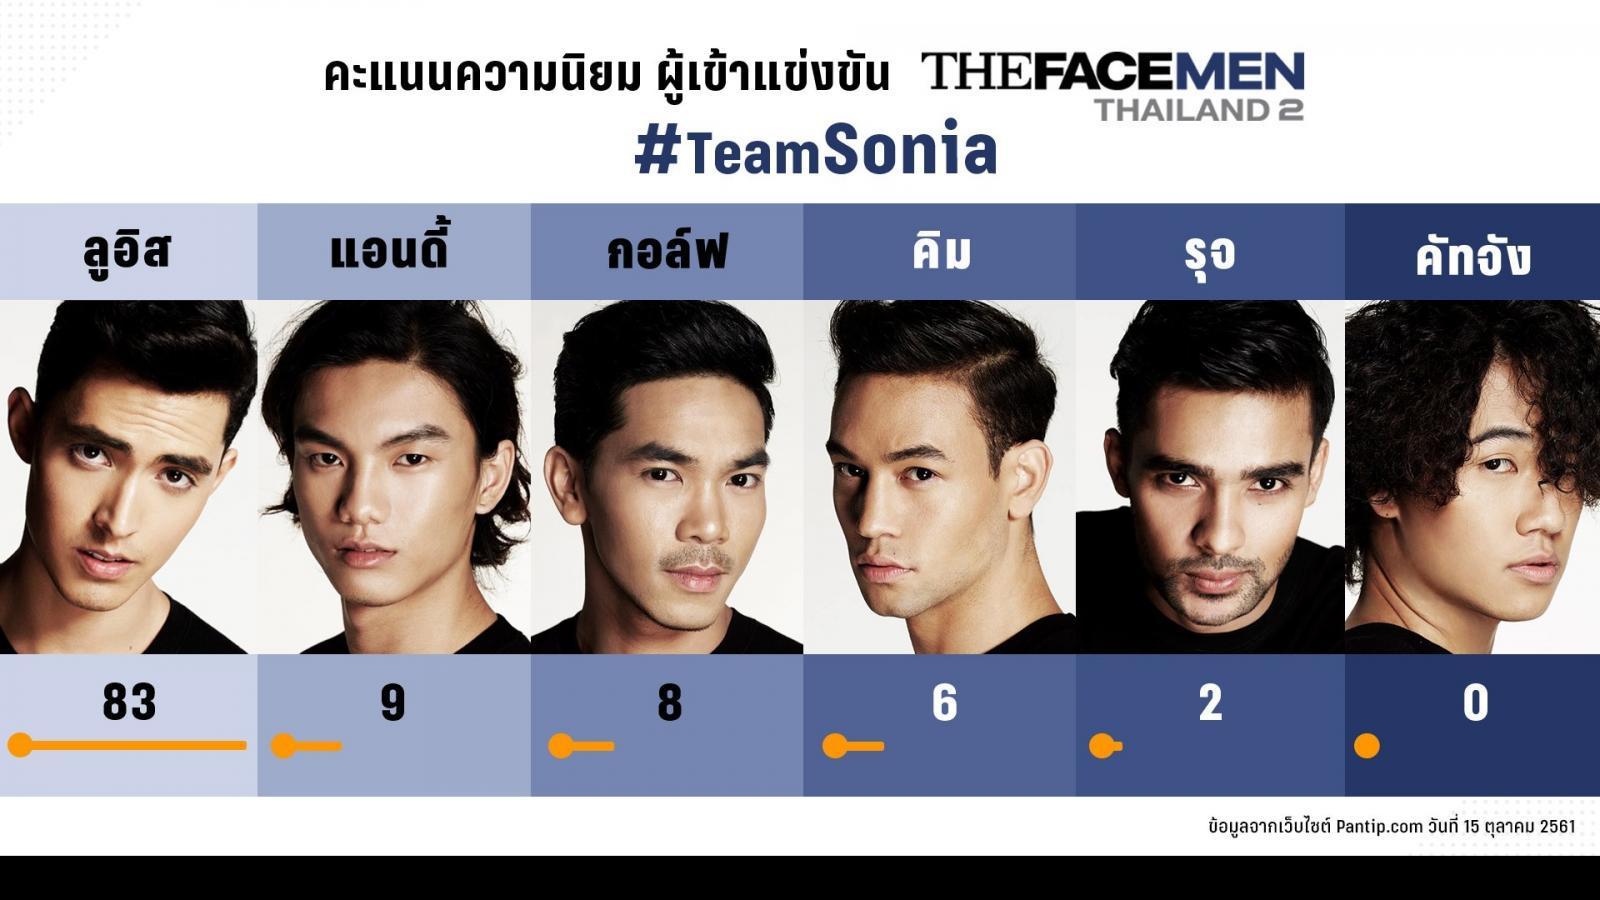 เช็คกระแส The Face Men Thailand  2 ชาวเน็ตเชียร์ใคร?